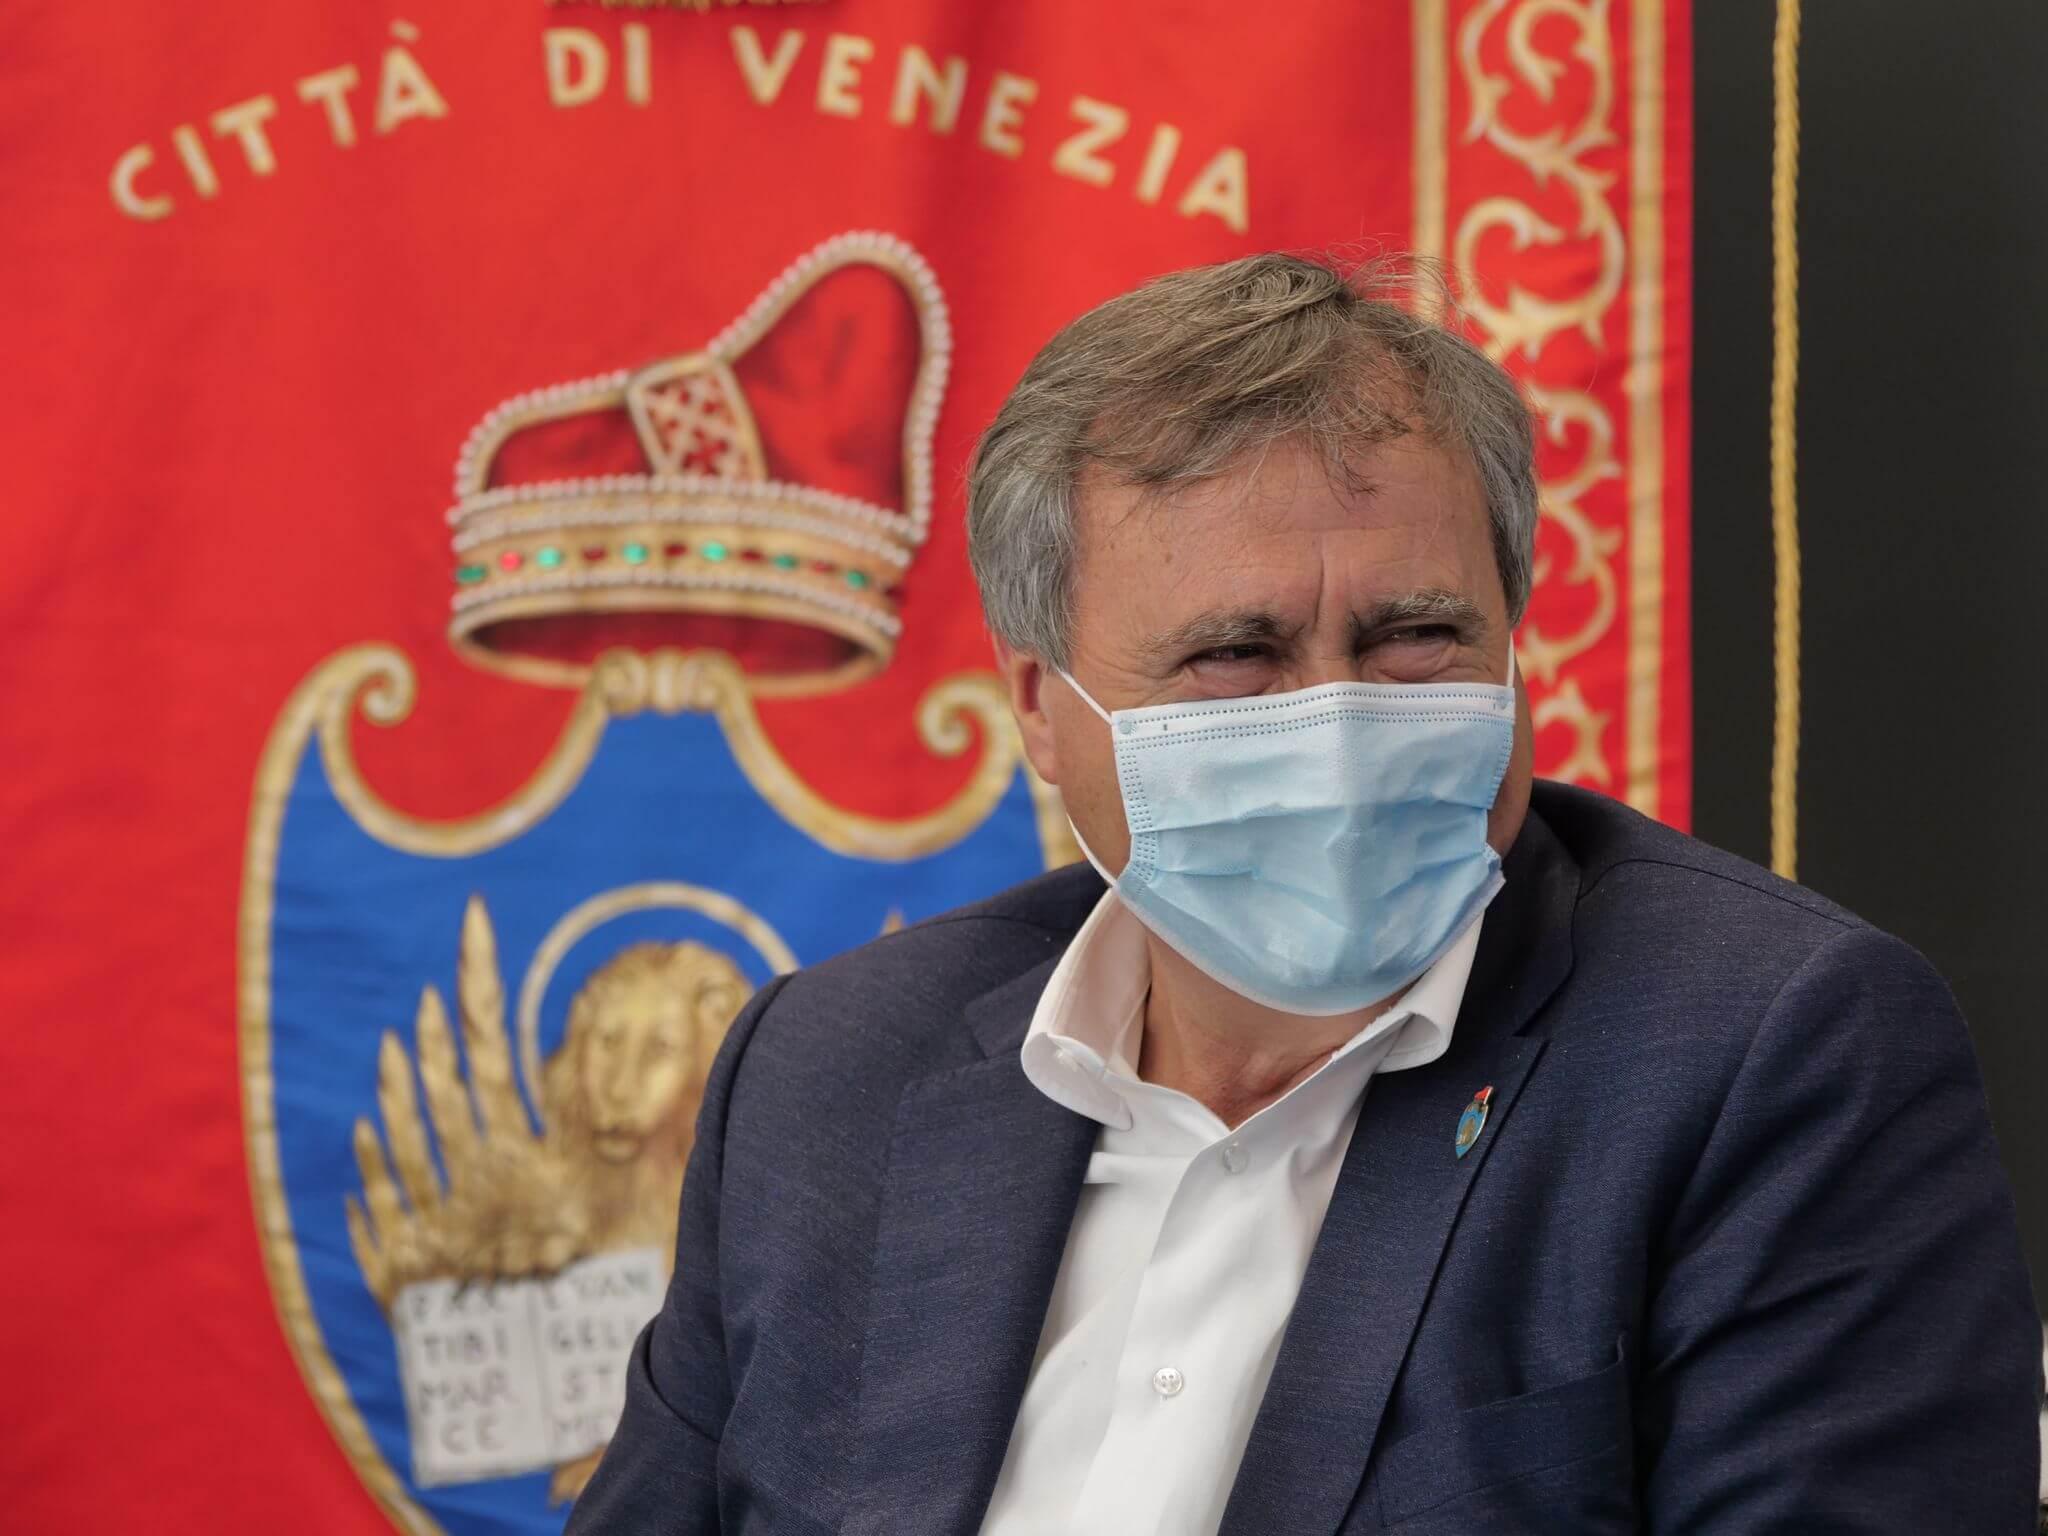 Luigi Brugnaro sindaco venezia salone nautico